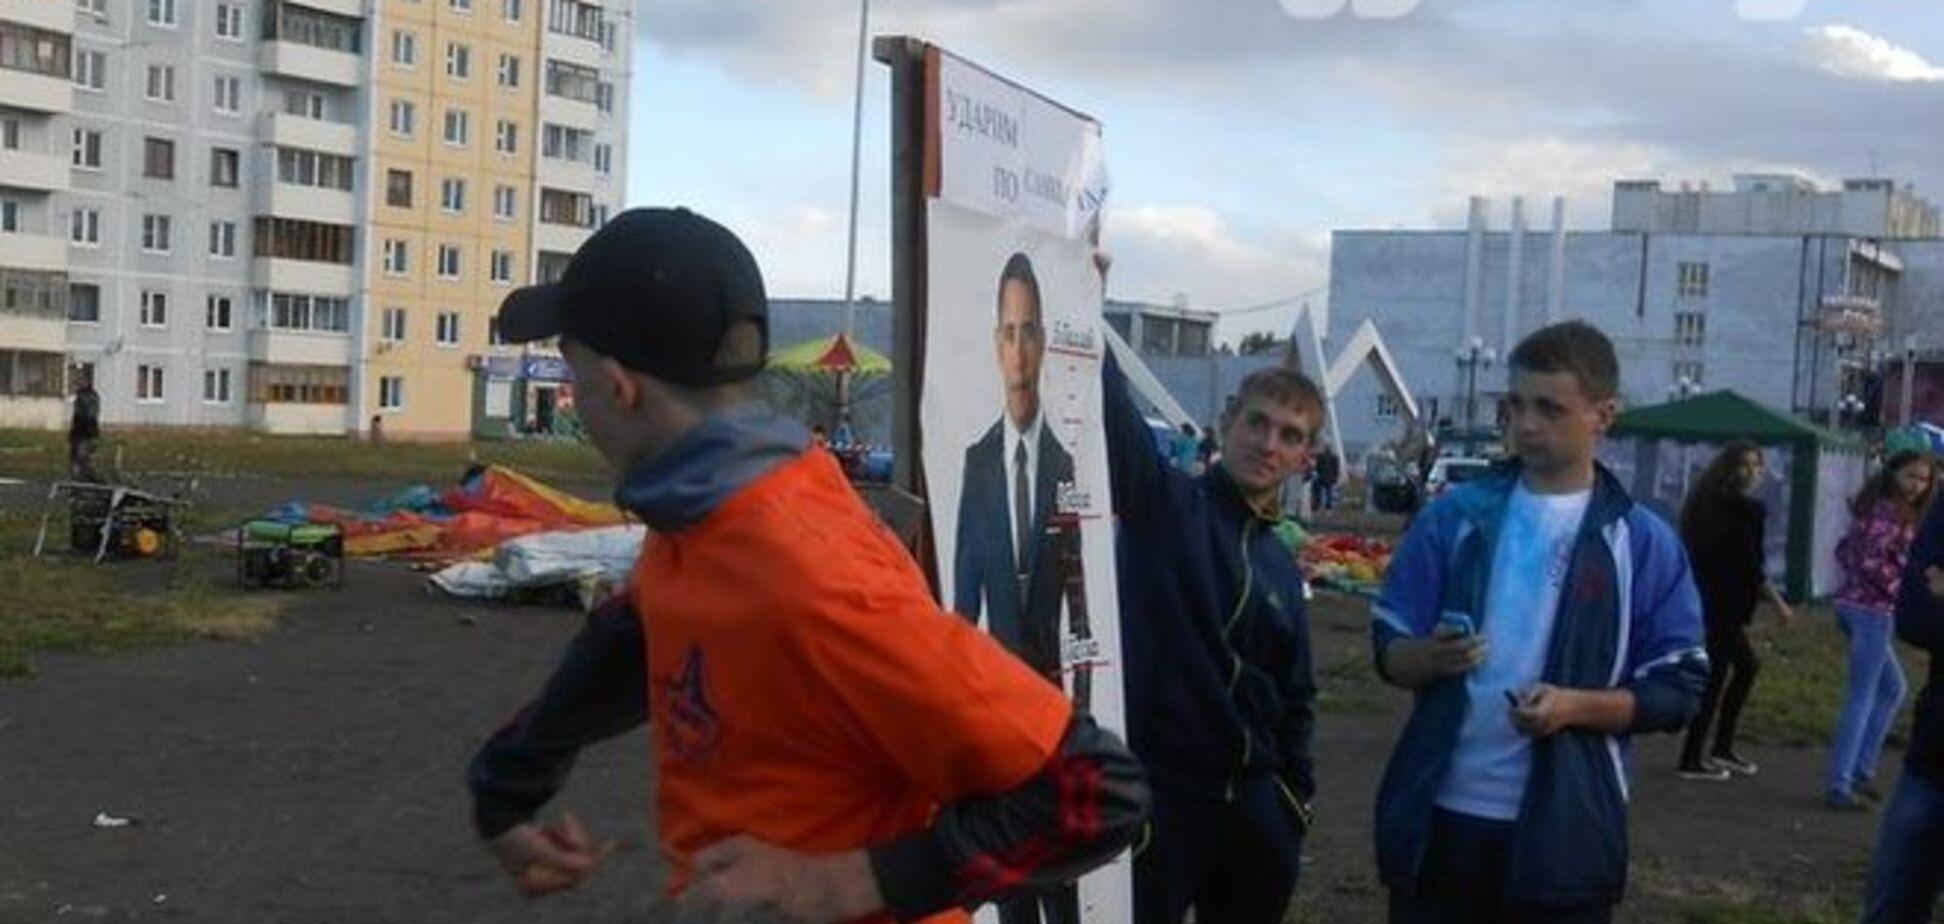 'Пни Обаму в лоб': в России для детей устроили странный конкурс, видеофакт